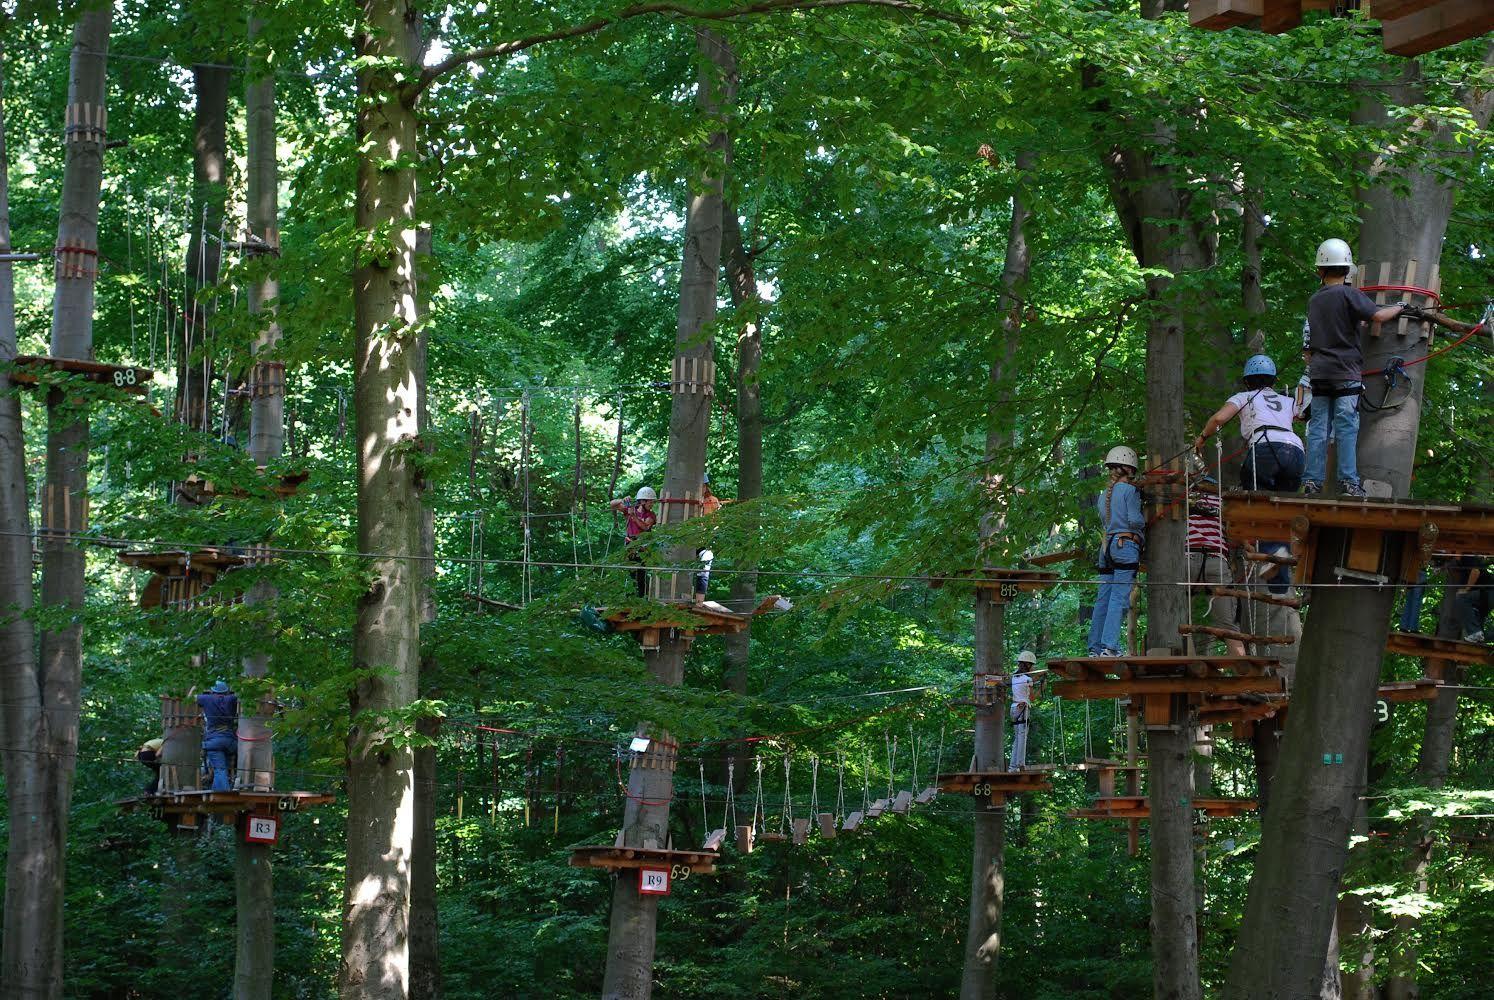 Forest Playground 1